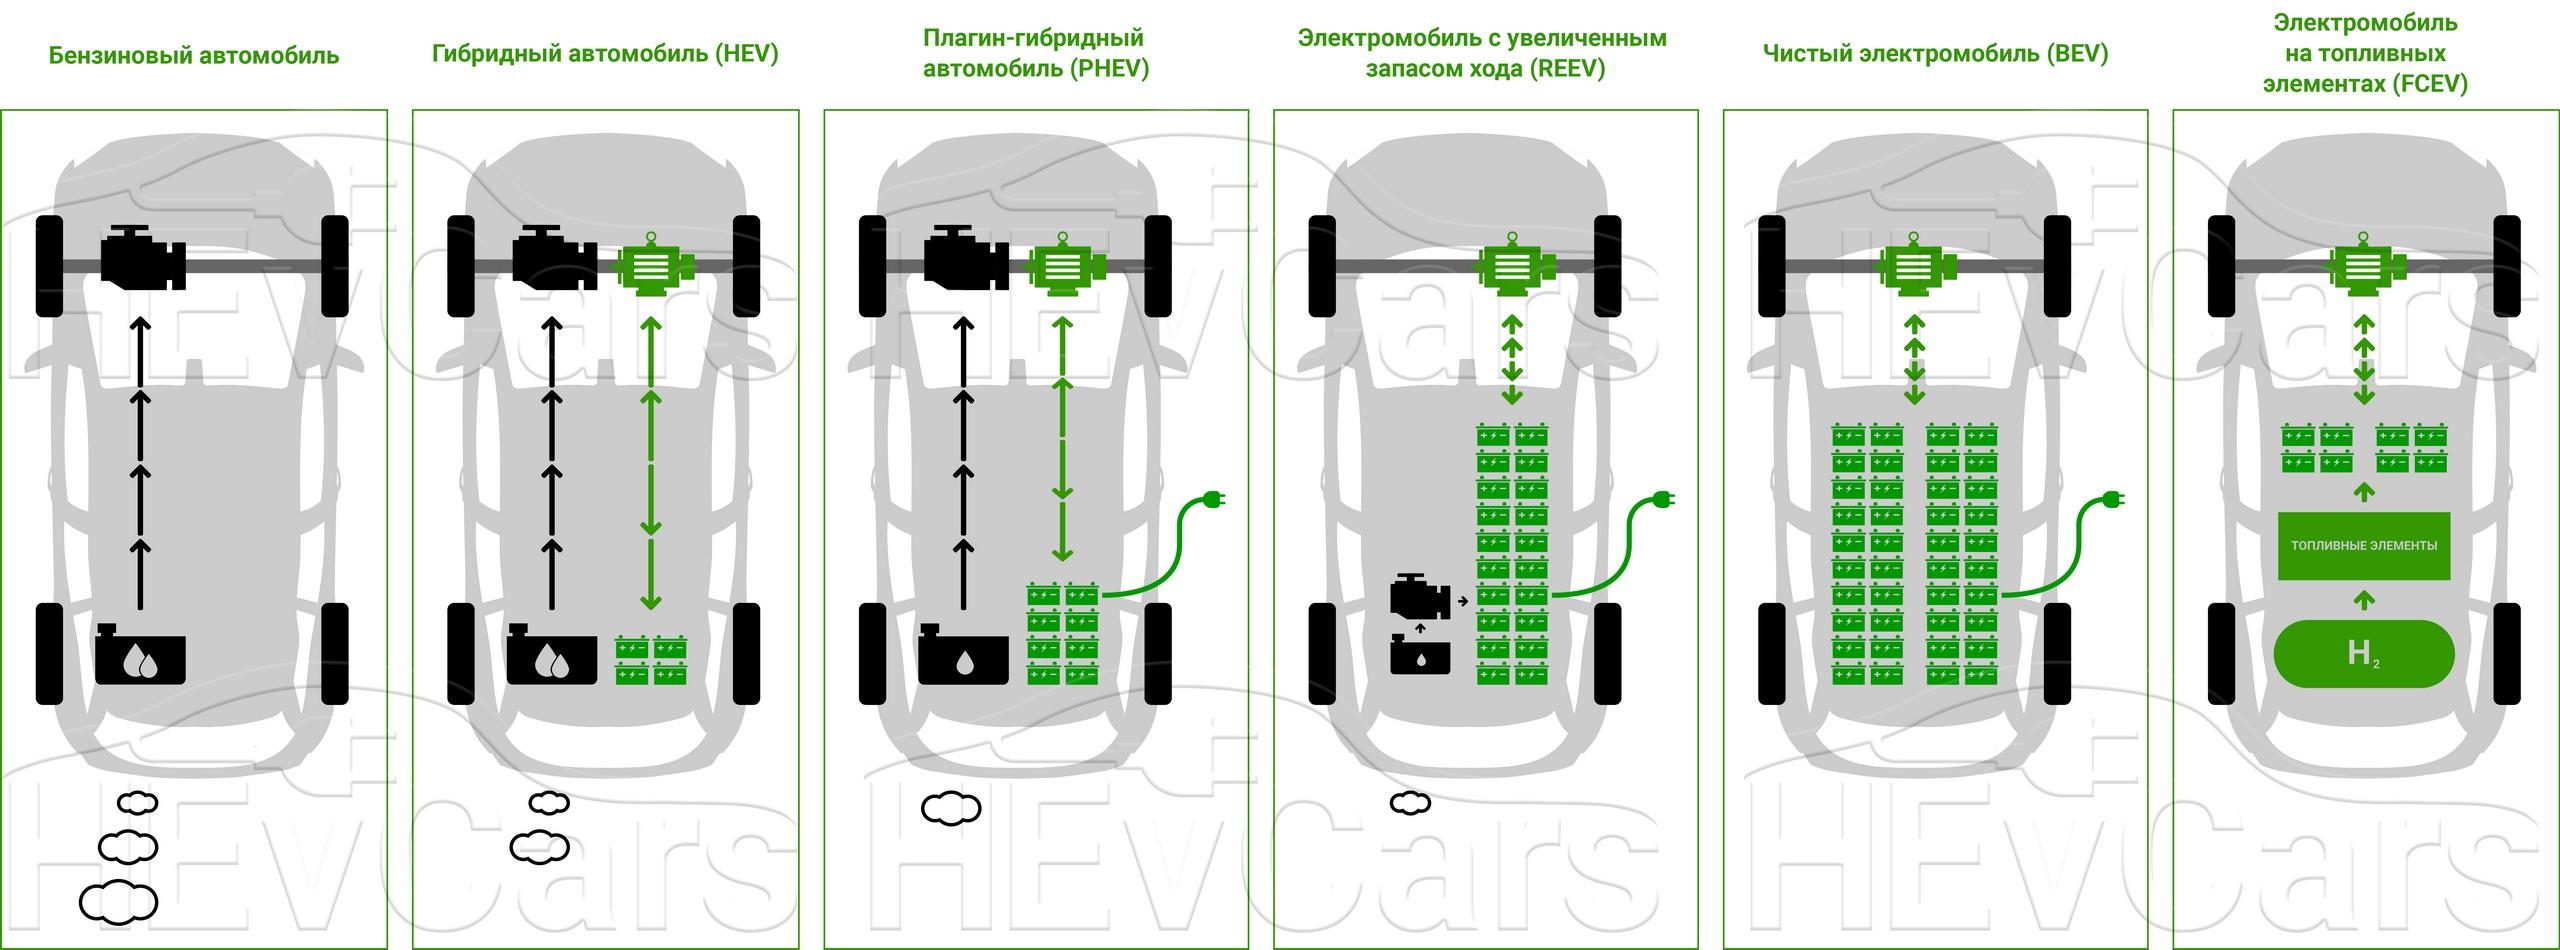 Схема принципа работы автомобилей с разными типами силовых установок